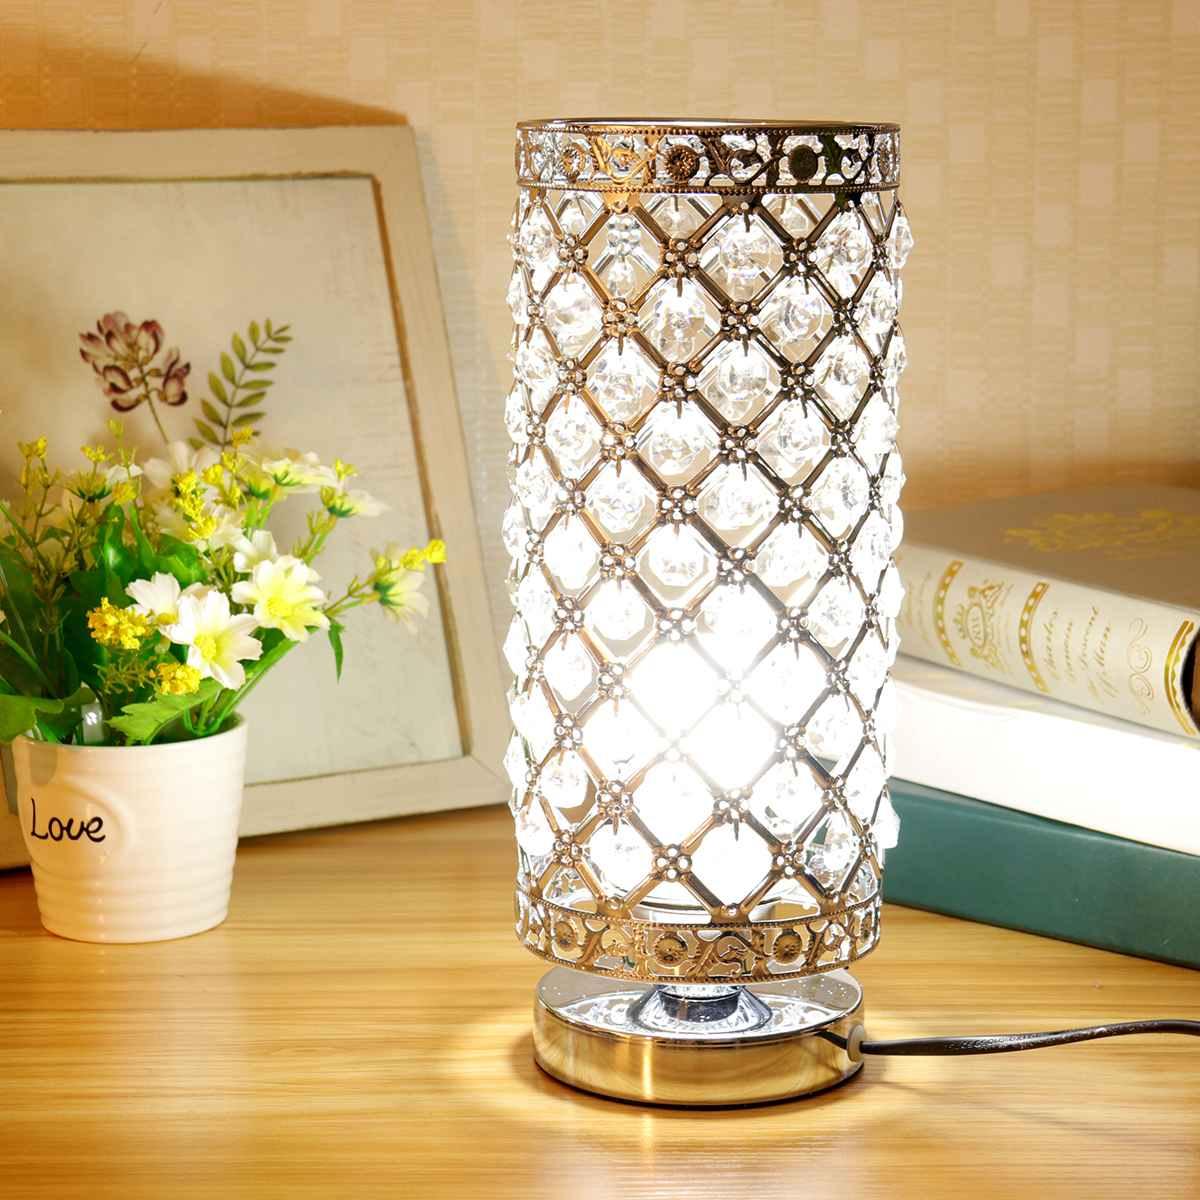 Modern Crystal Desk Table Lamp Light Beside Night Lamp E27 Holder Home Bedroom Decoration Adjustable Indoor Lighting